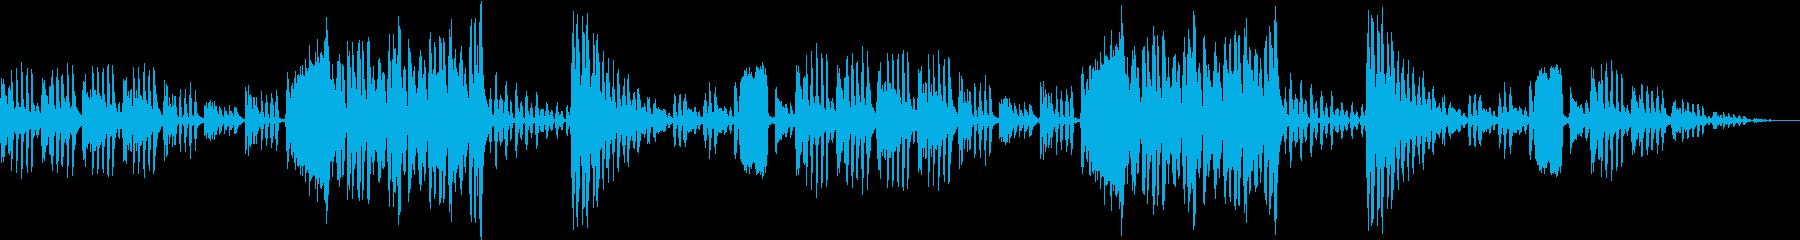 オーケストラの楽器が奏でるループBGMの再生済みの波形